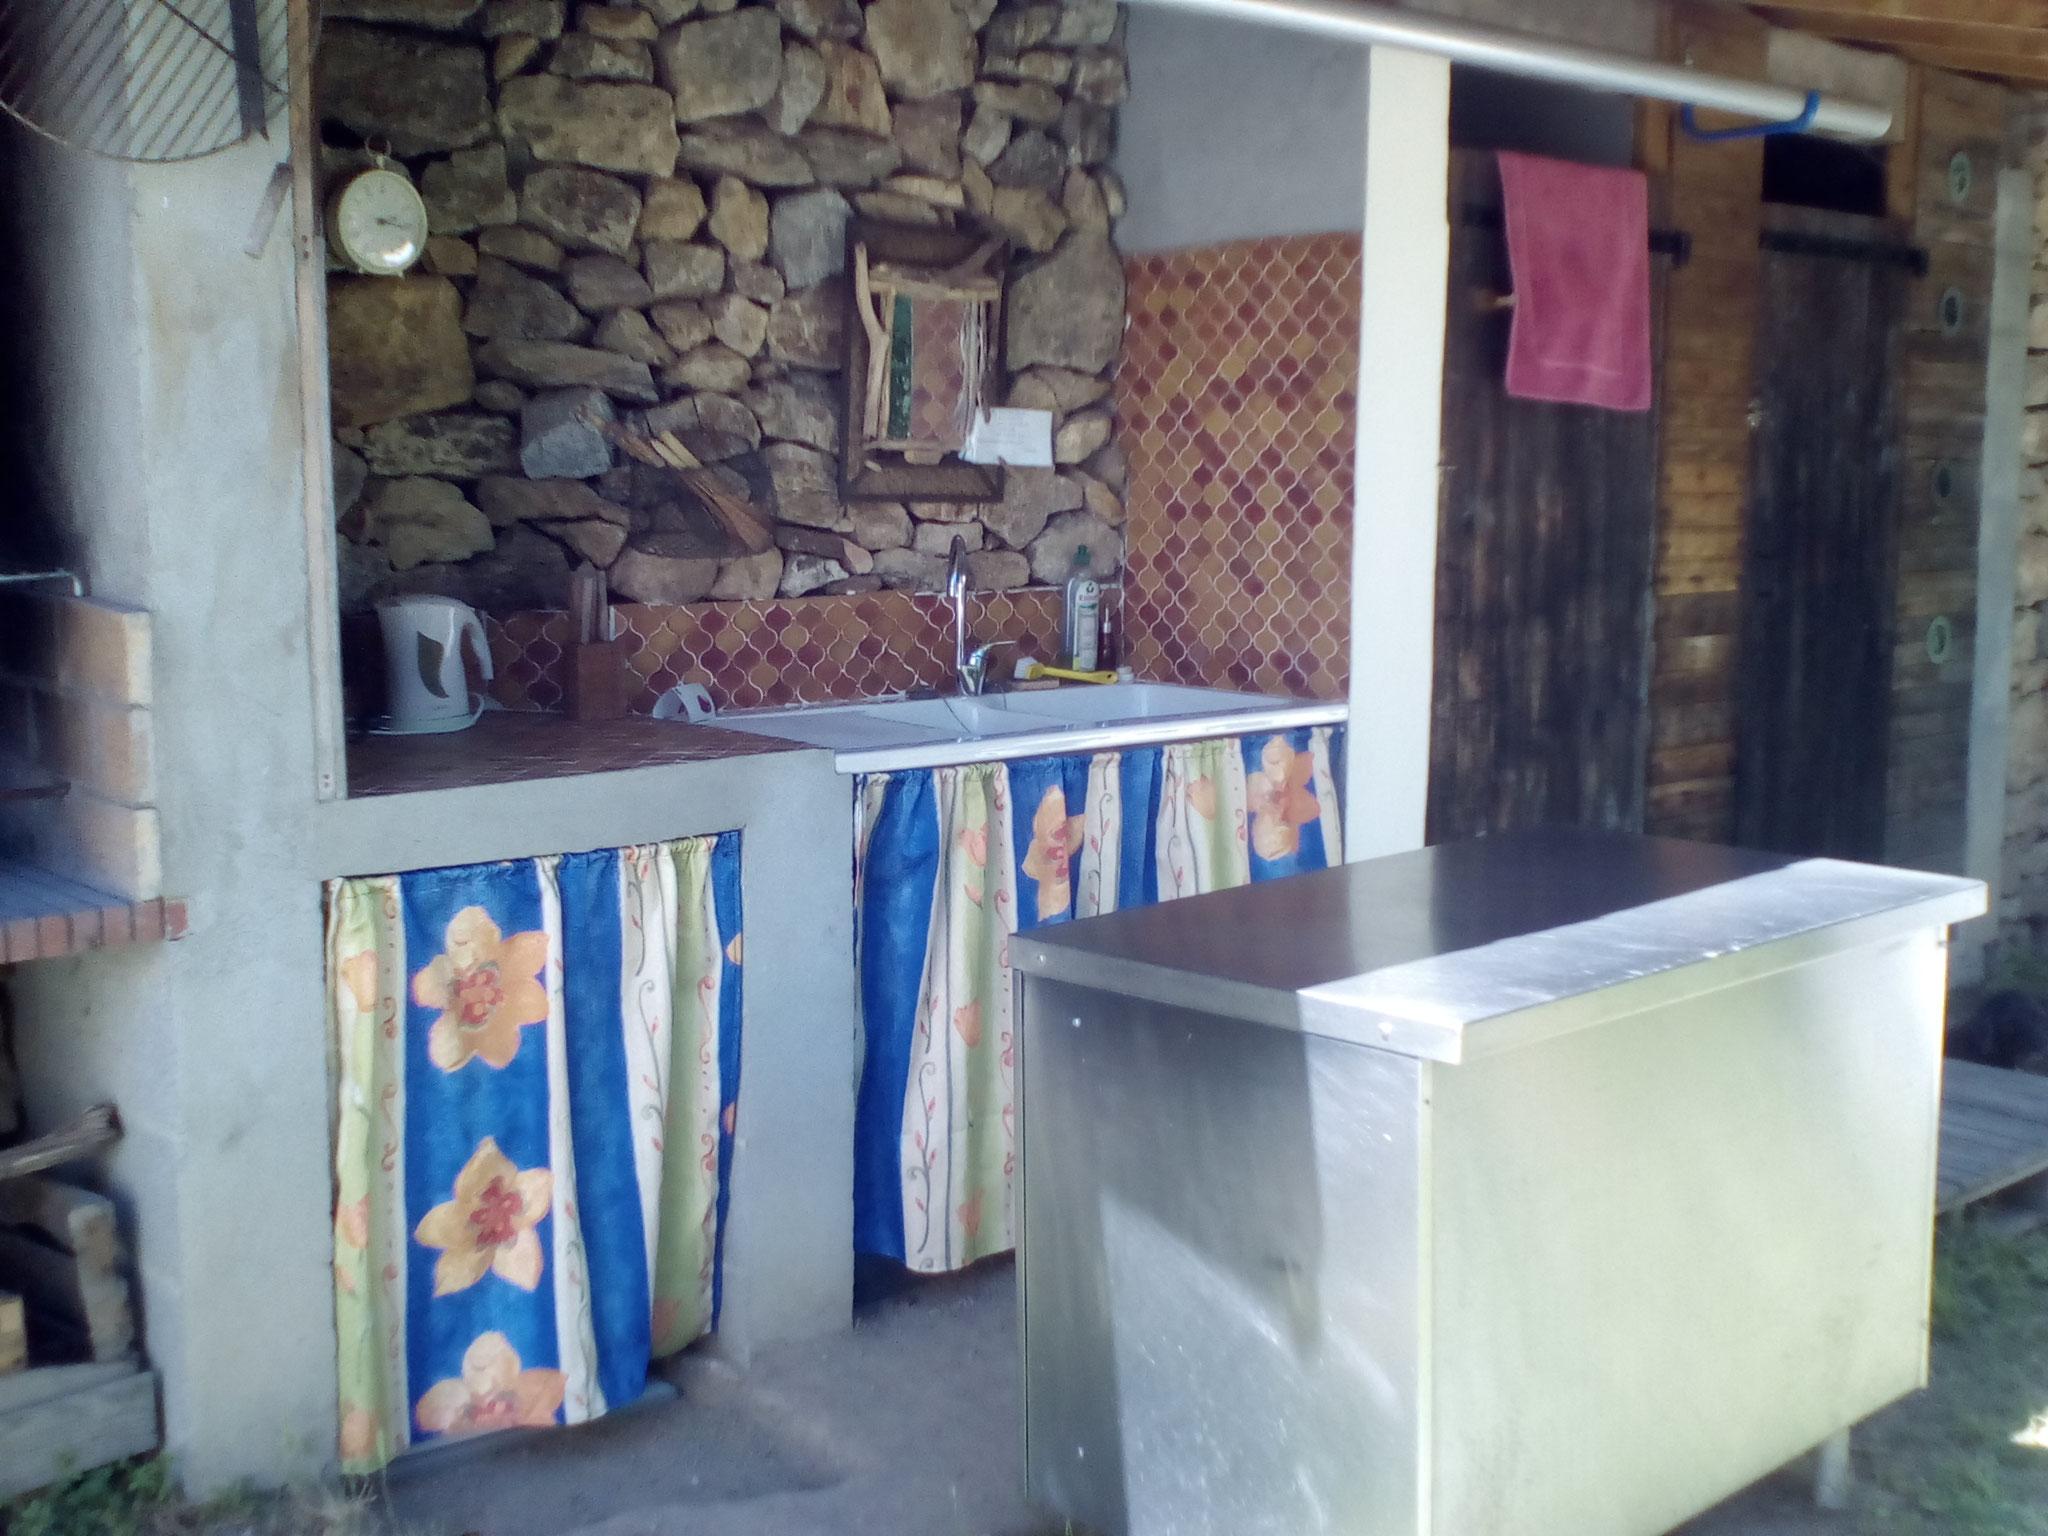 cuisine extérieure avec équipement de base